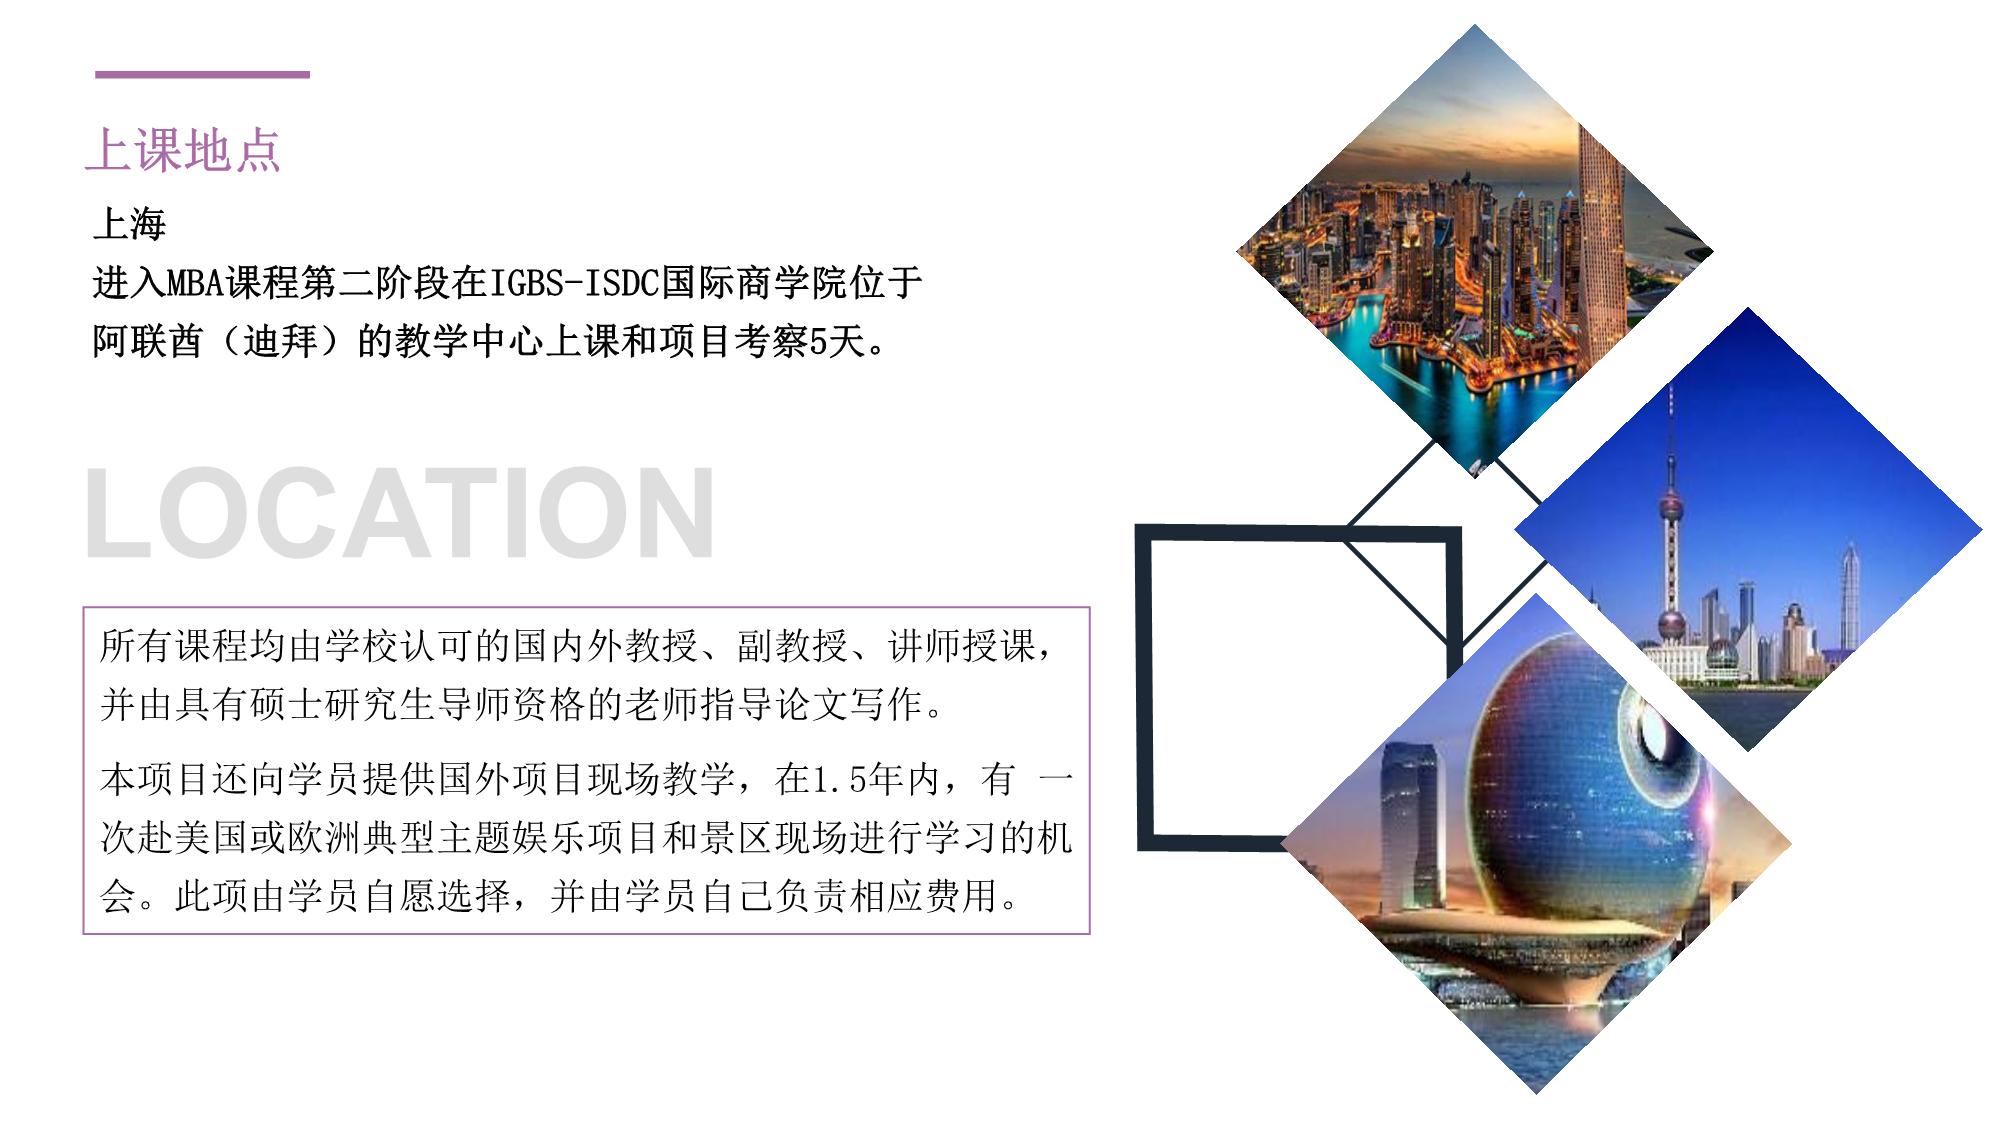 文旅与主题娱乐研究生四期班UWS学位(2020.6.17)(3)-8.png